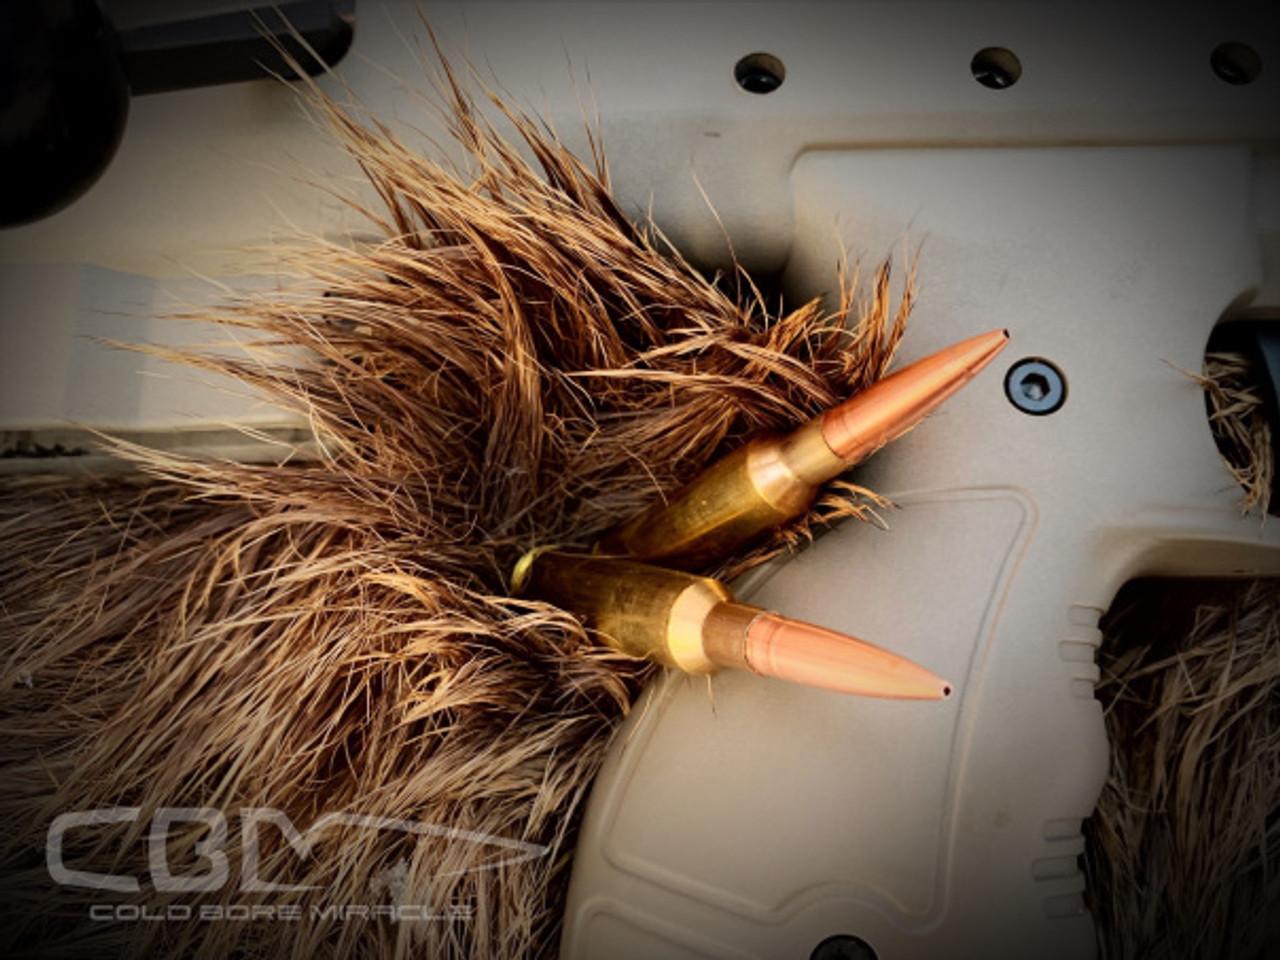 123 Cayuga loaded in 6.5mm Creedmoor